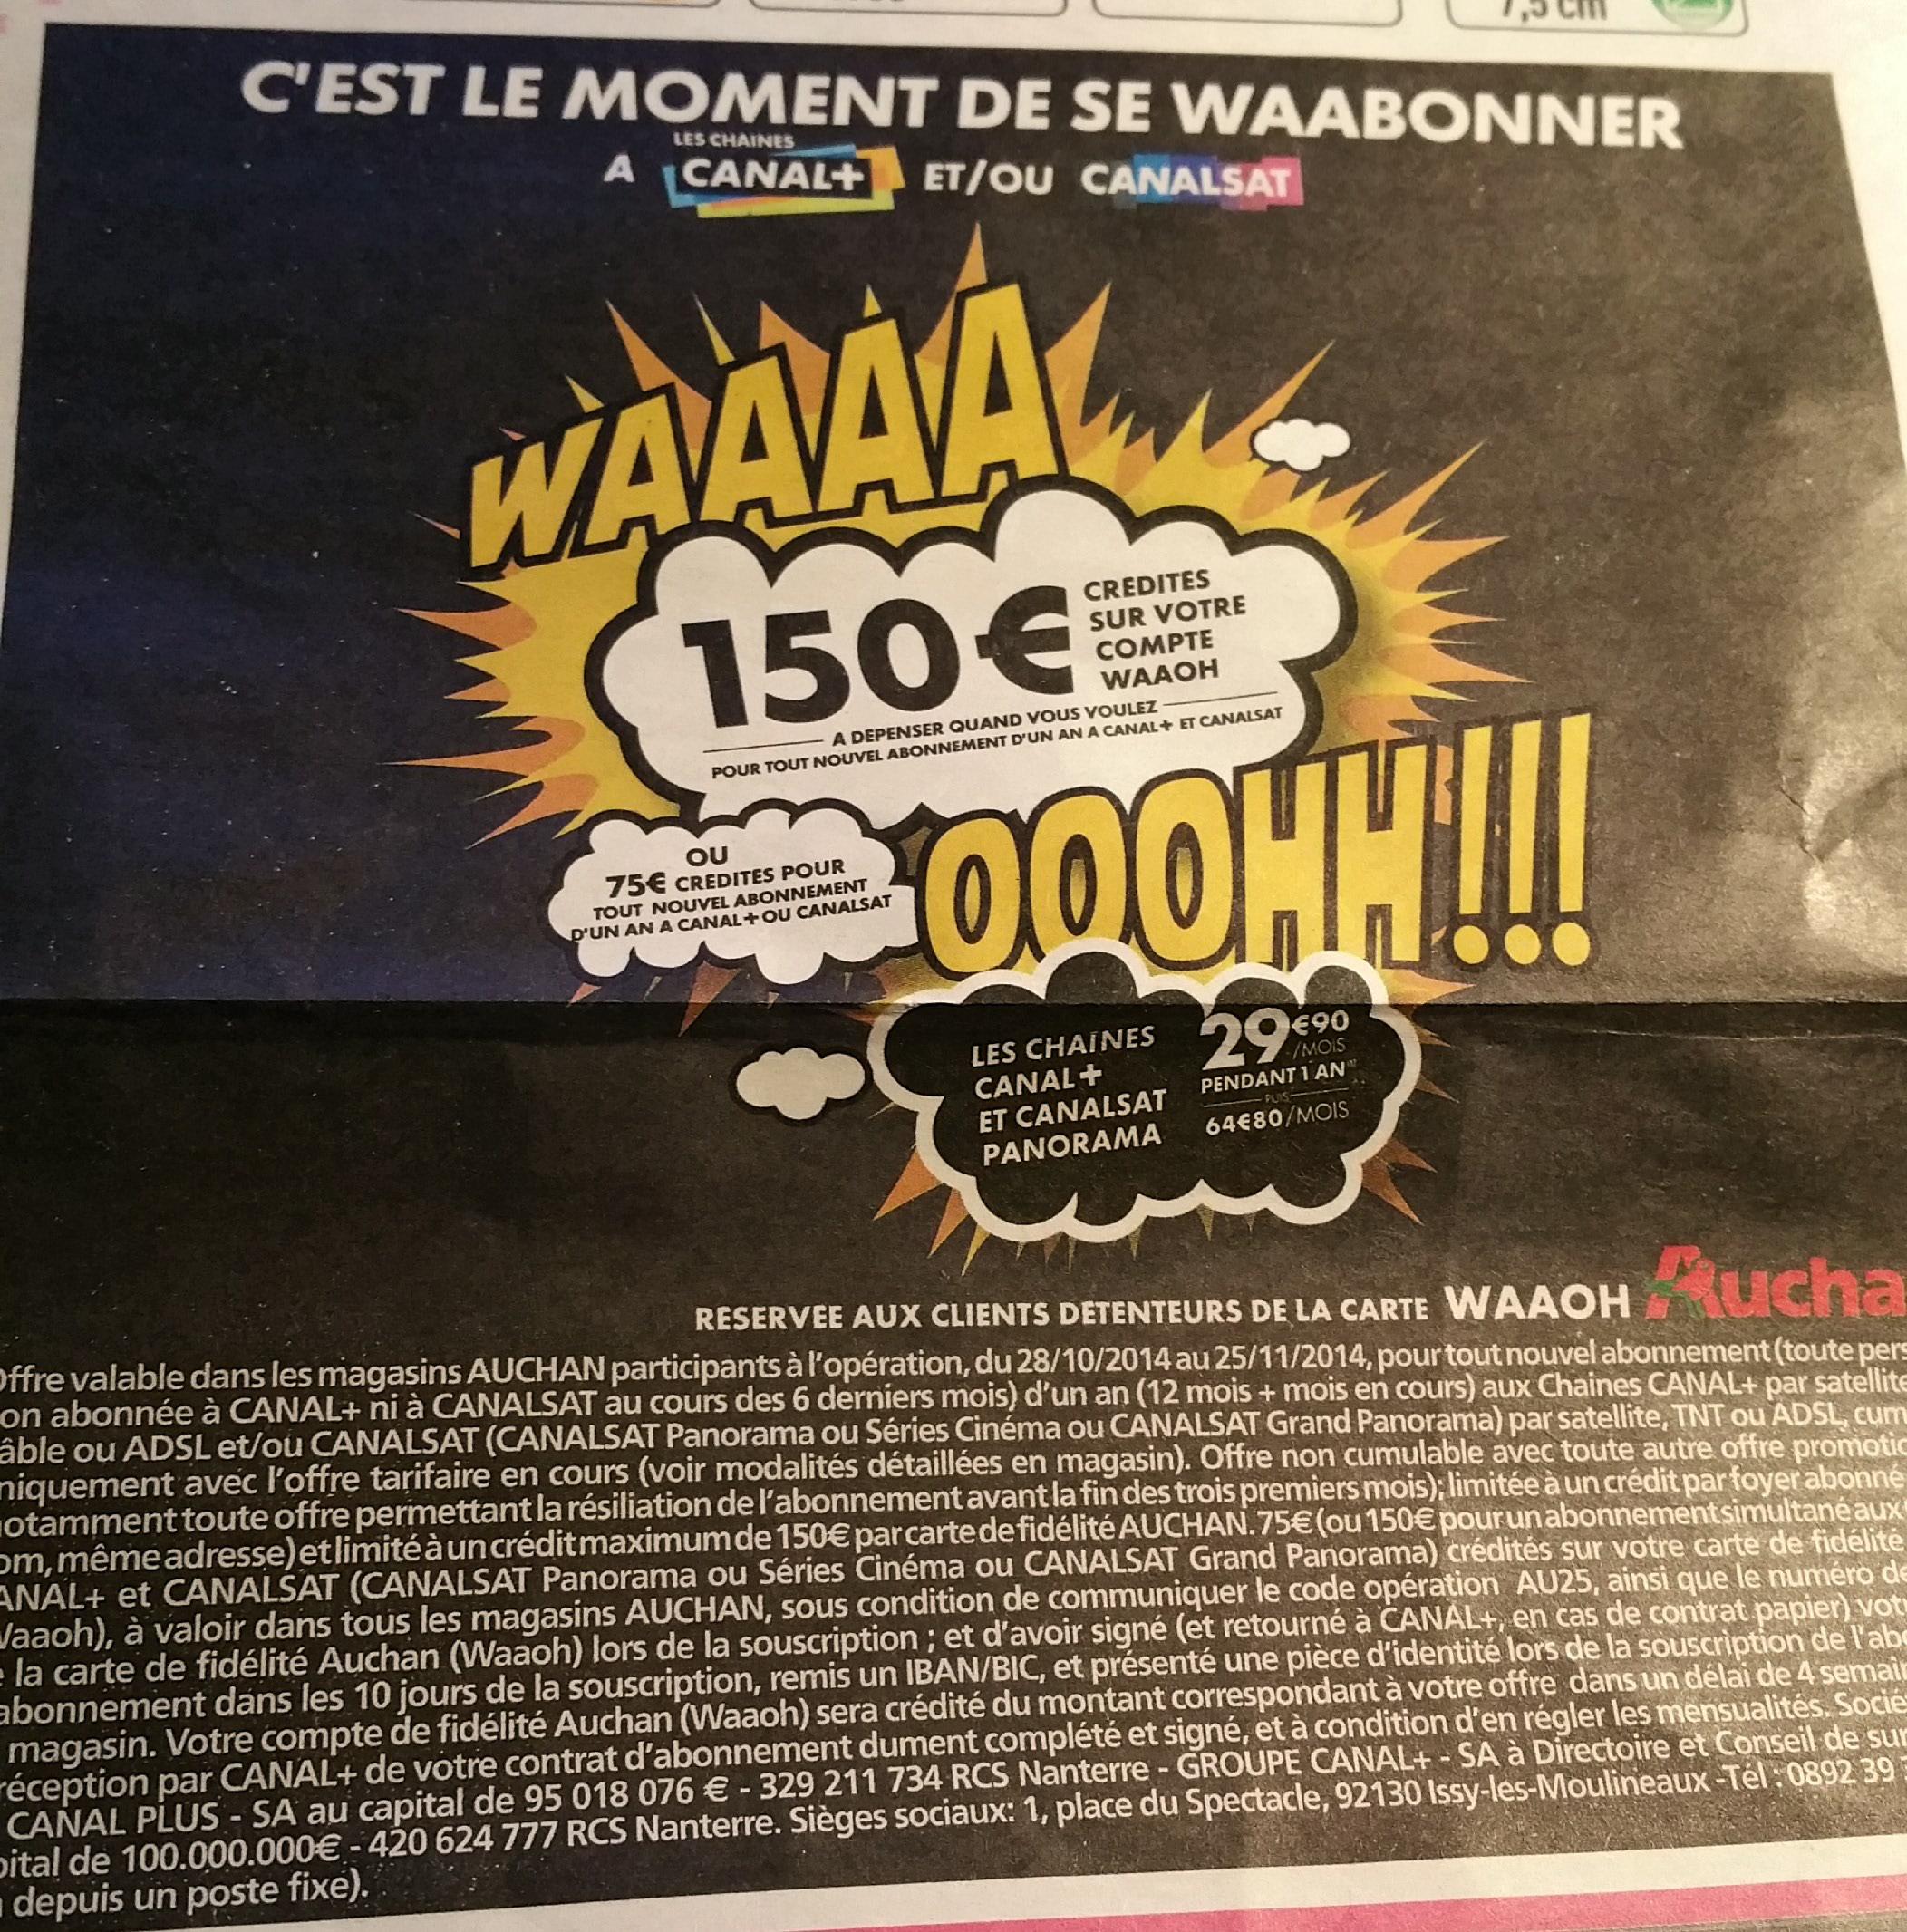 Abonnement Canal+ et CanalSat pendant à 1 an (avec 150€ sur la carte Waaoh) au tarif mensuel de